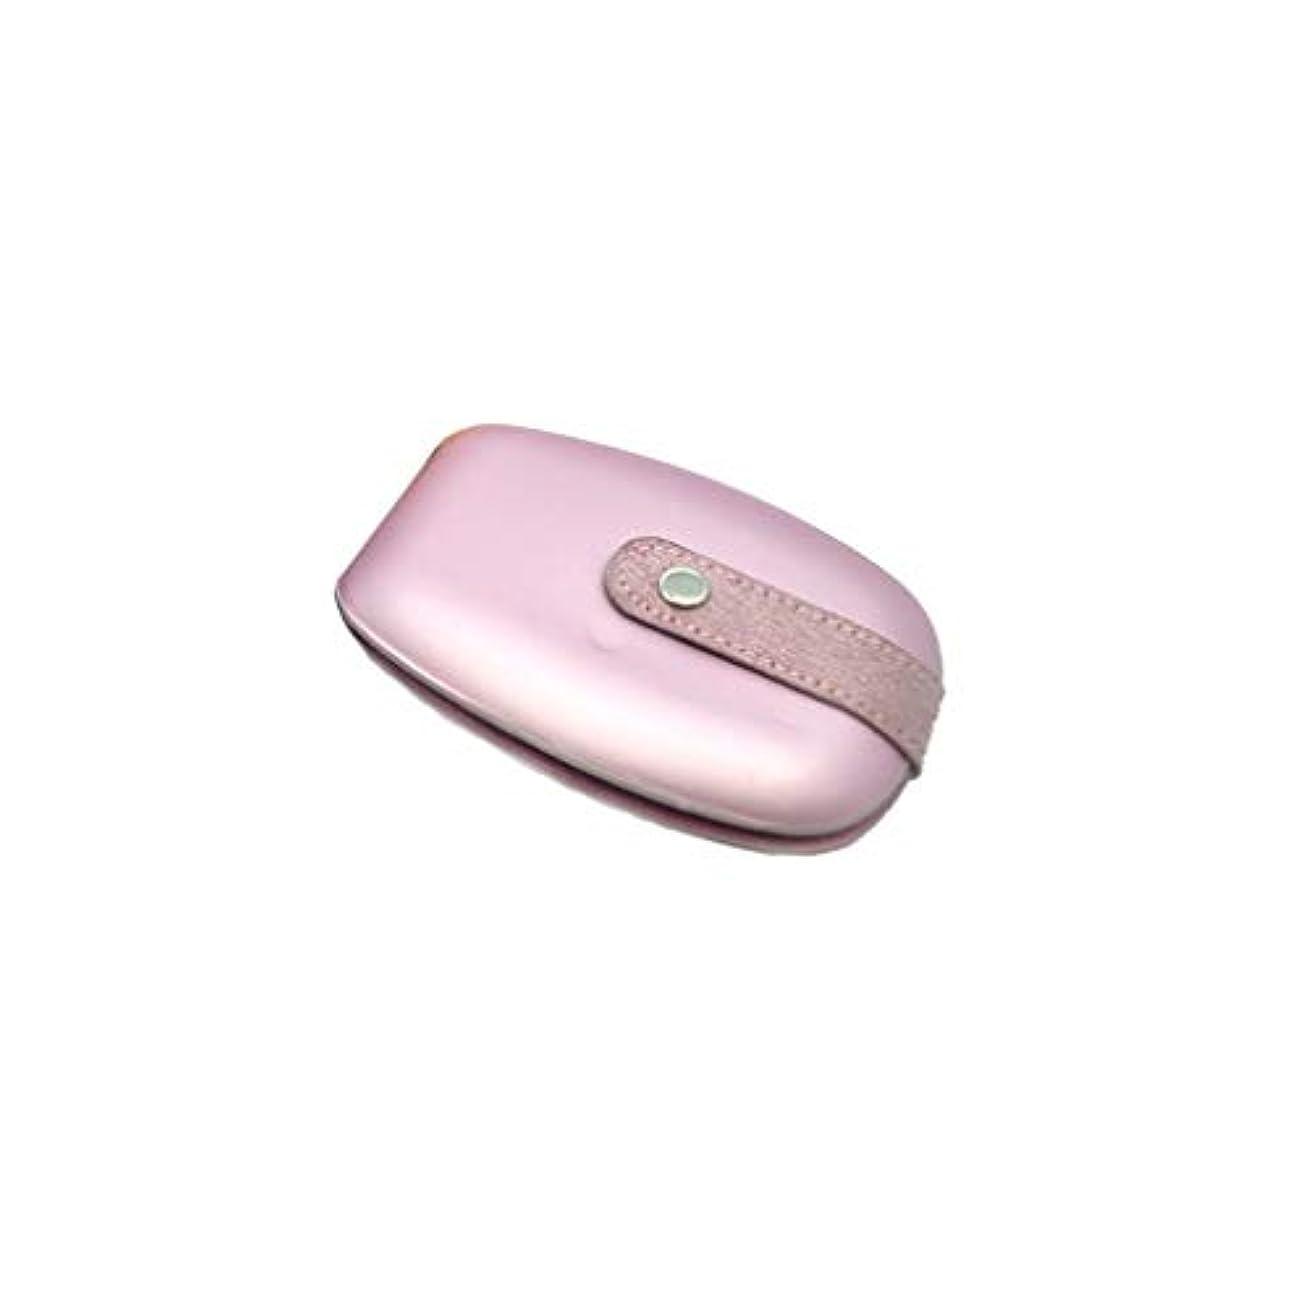 スマッシュ検索エンジンマーケティングりんご爪切り ペディキュアマニキュアセットネイルケアはさみ旅行セットネイルツール ネイル (Color : C)